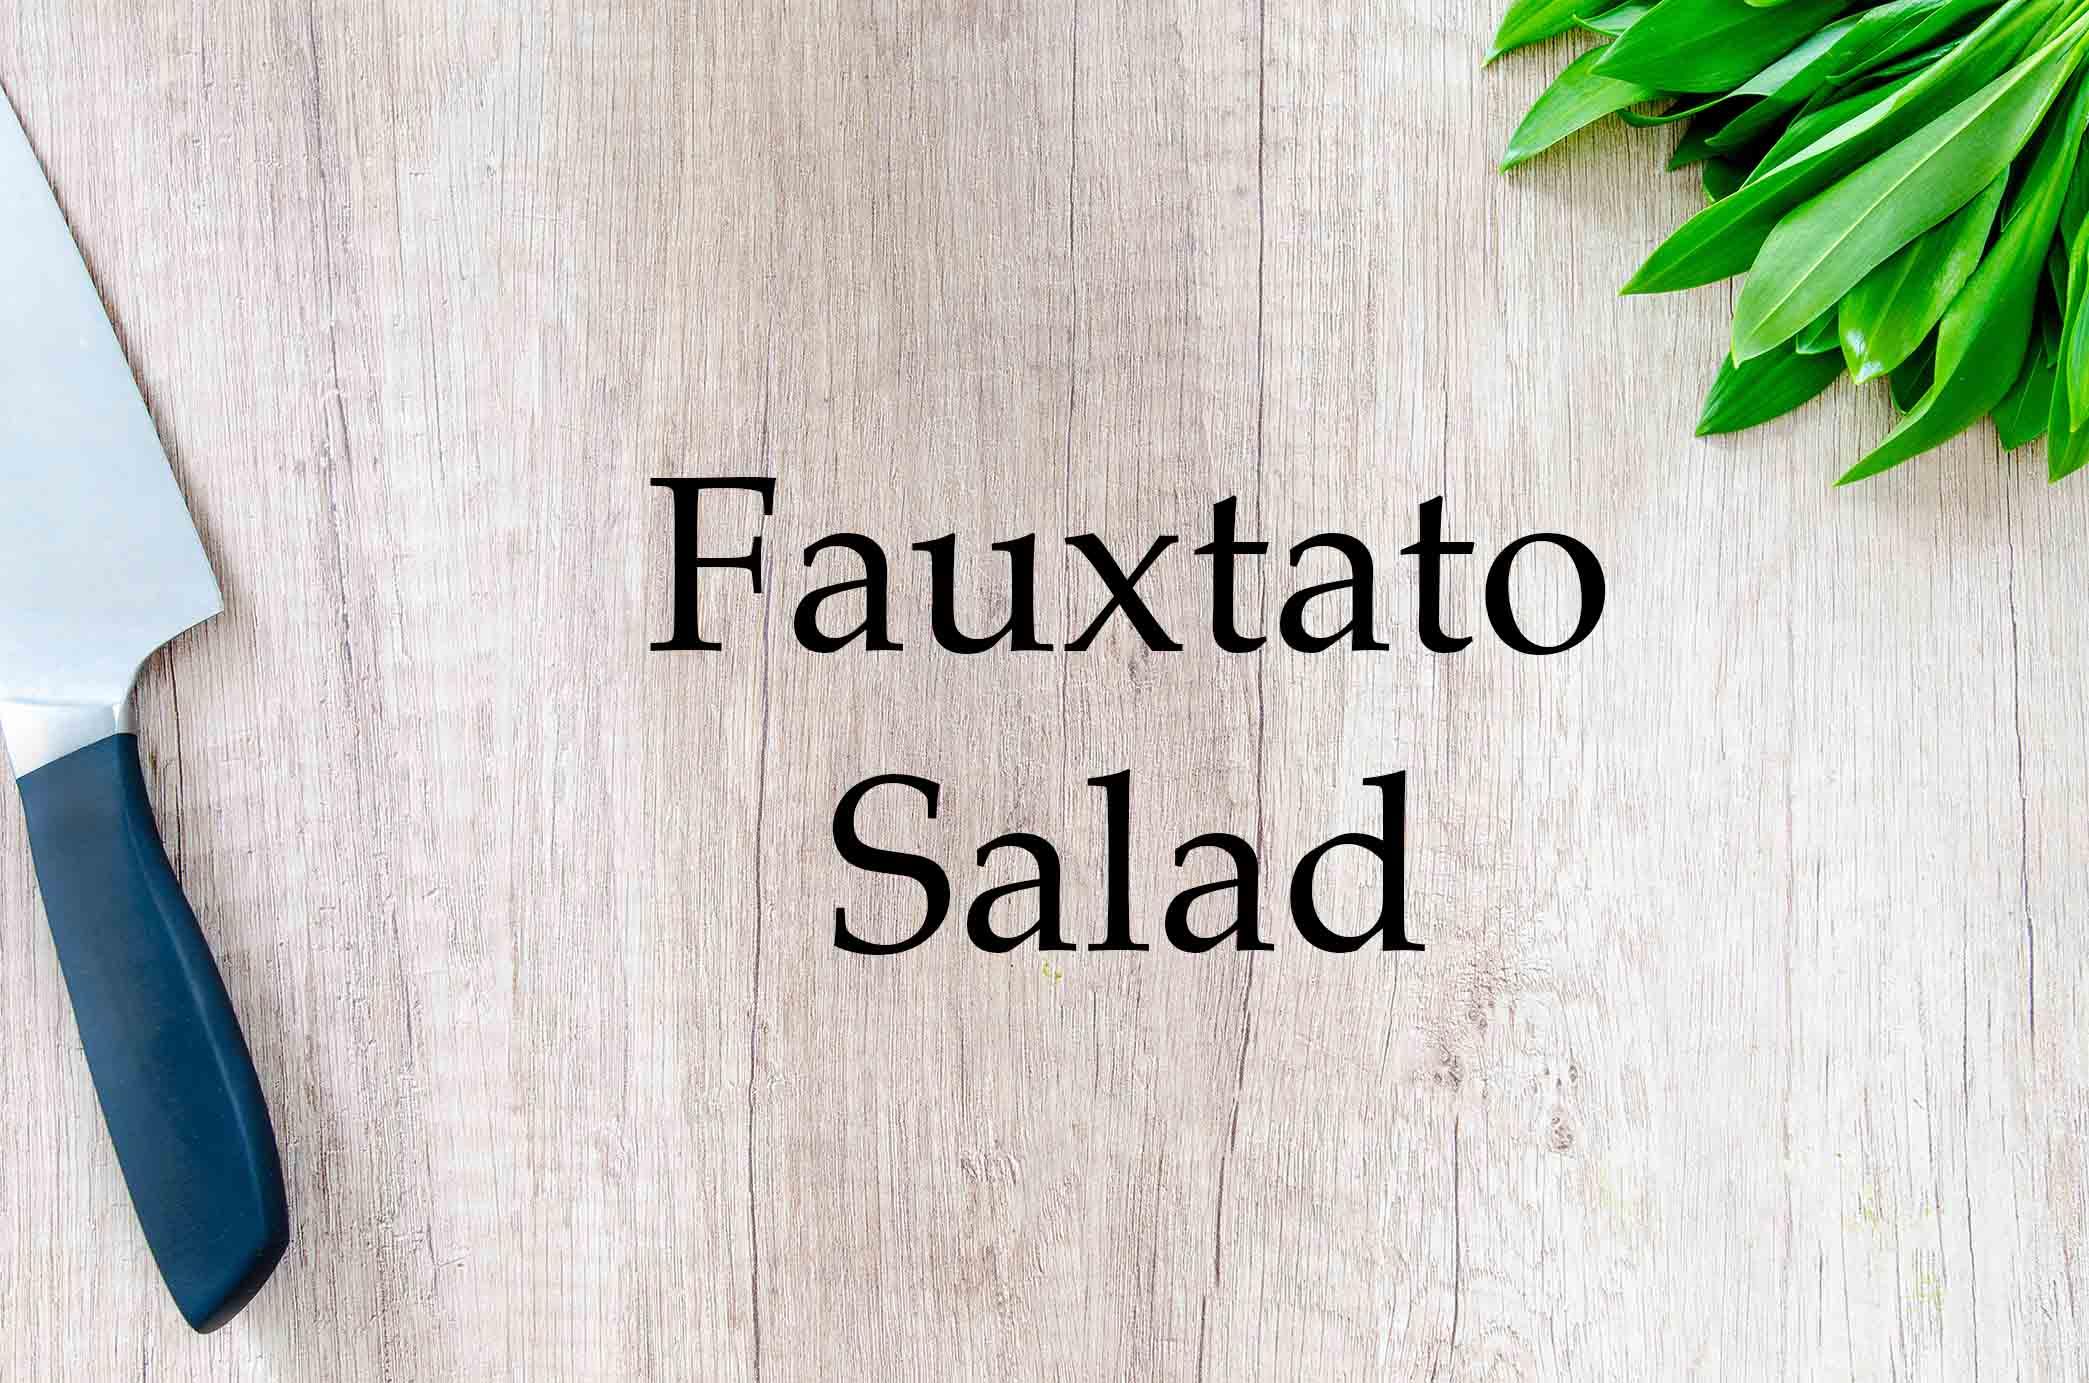 GrannyKeto.com Recipes: Fauxtato Salad